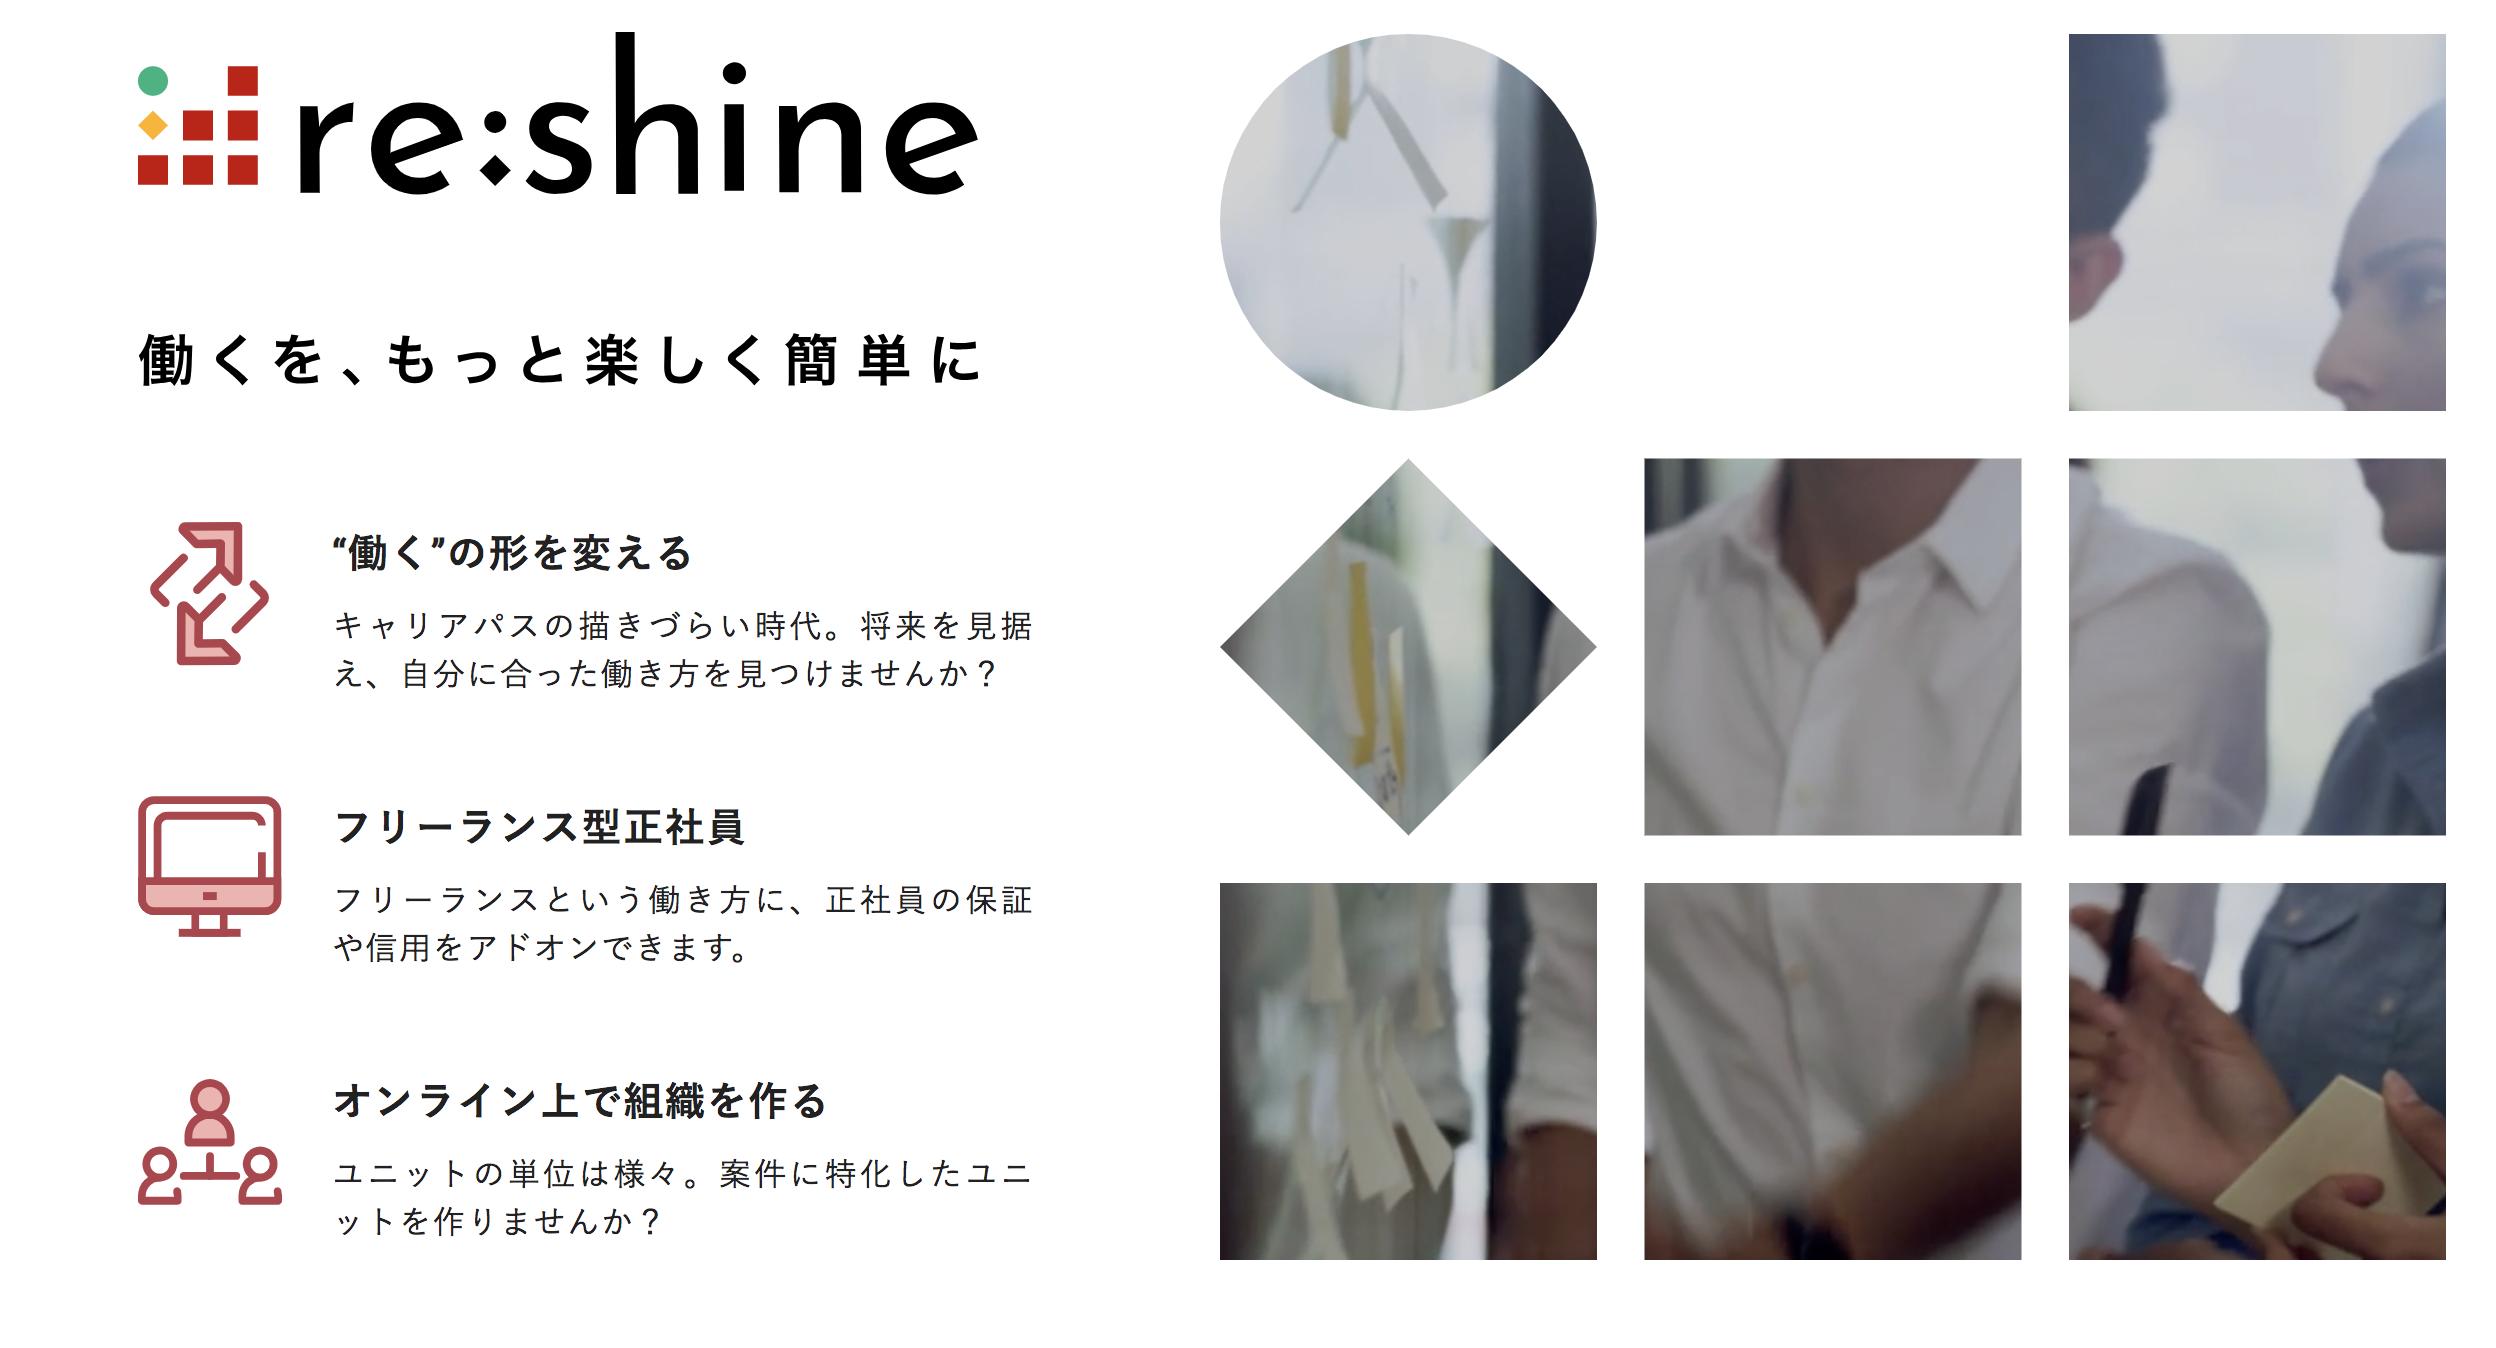 フリーランス re:shine(リシャイン)